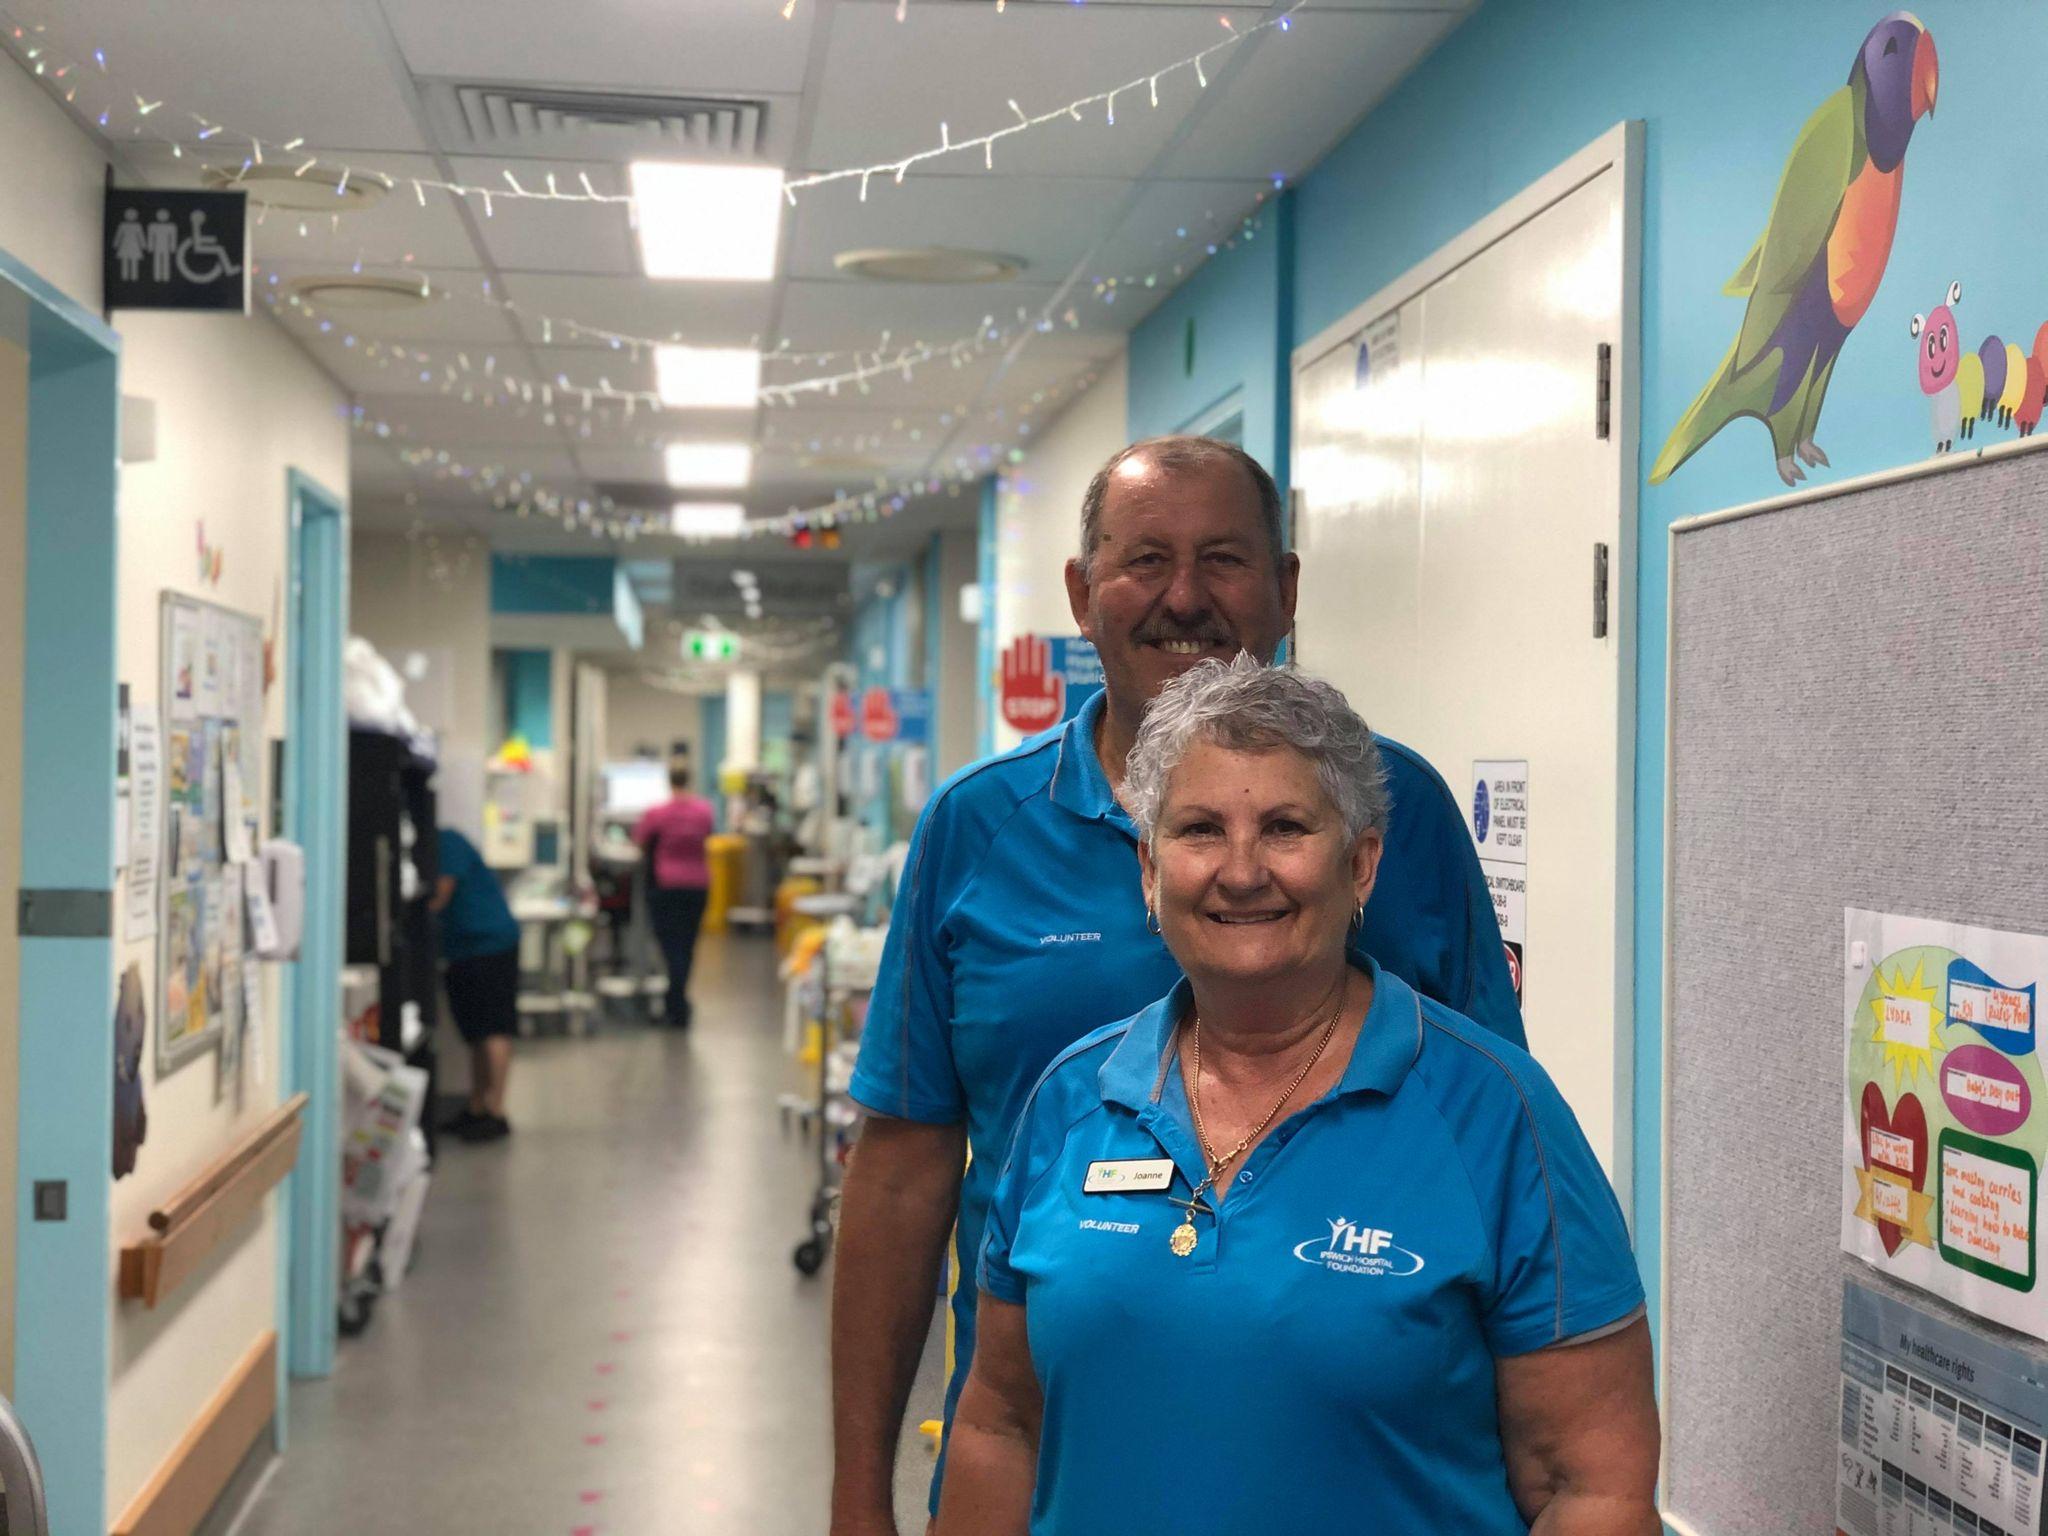 Volunteers, Joanne and Murray